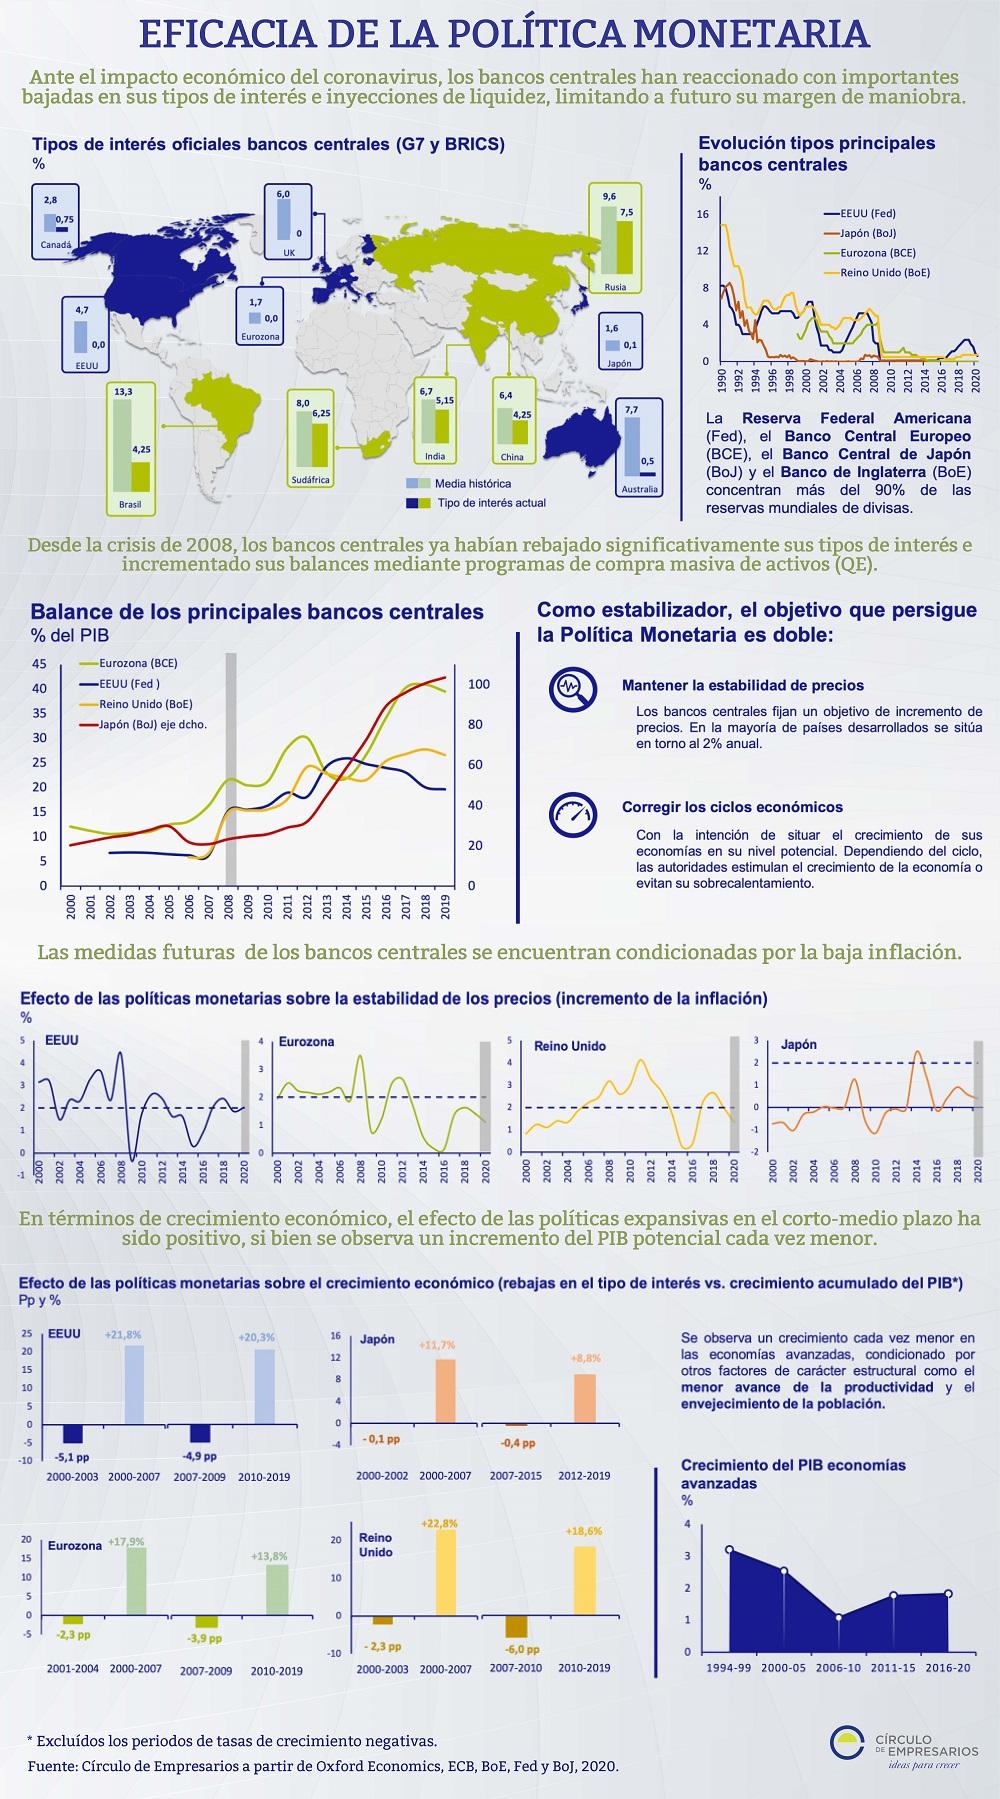 Eficacia-de-la-politica-monetaria-infografia-Marzo-2020-Circulo-de-Empresarios